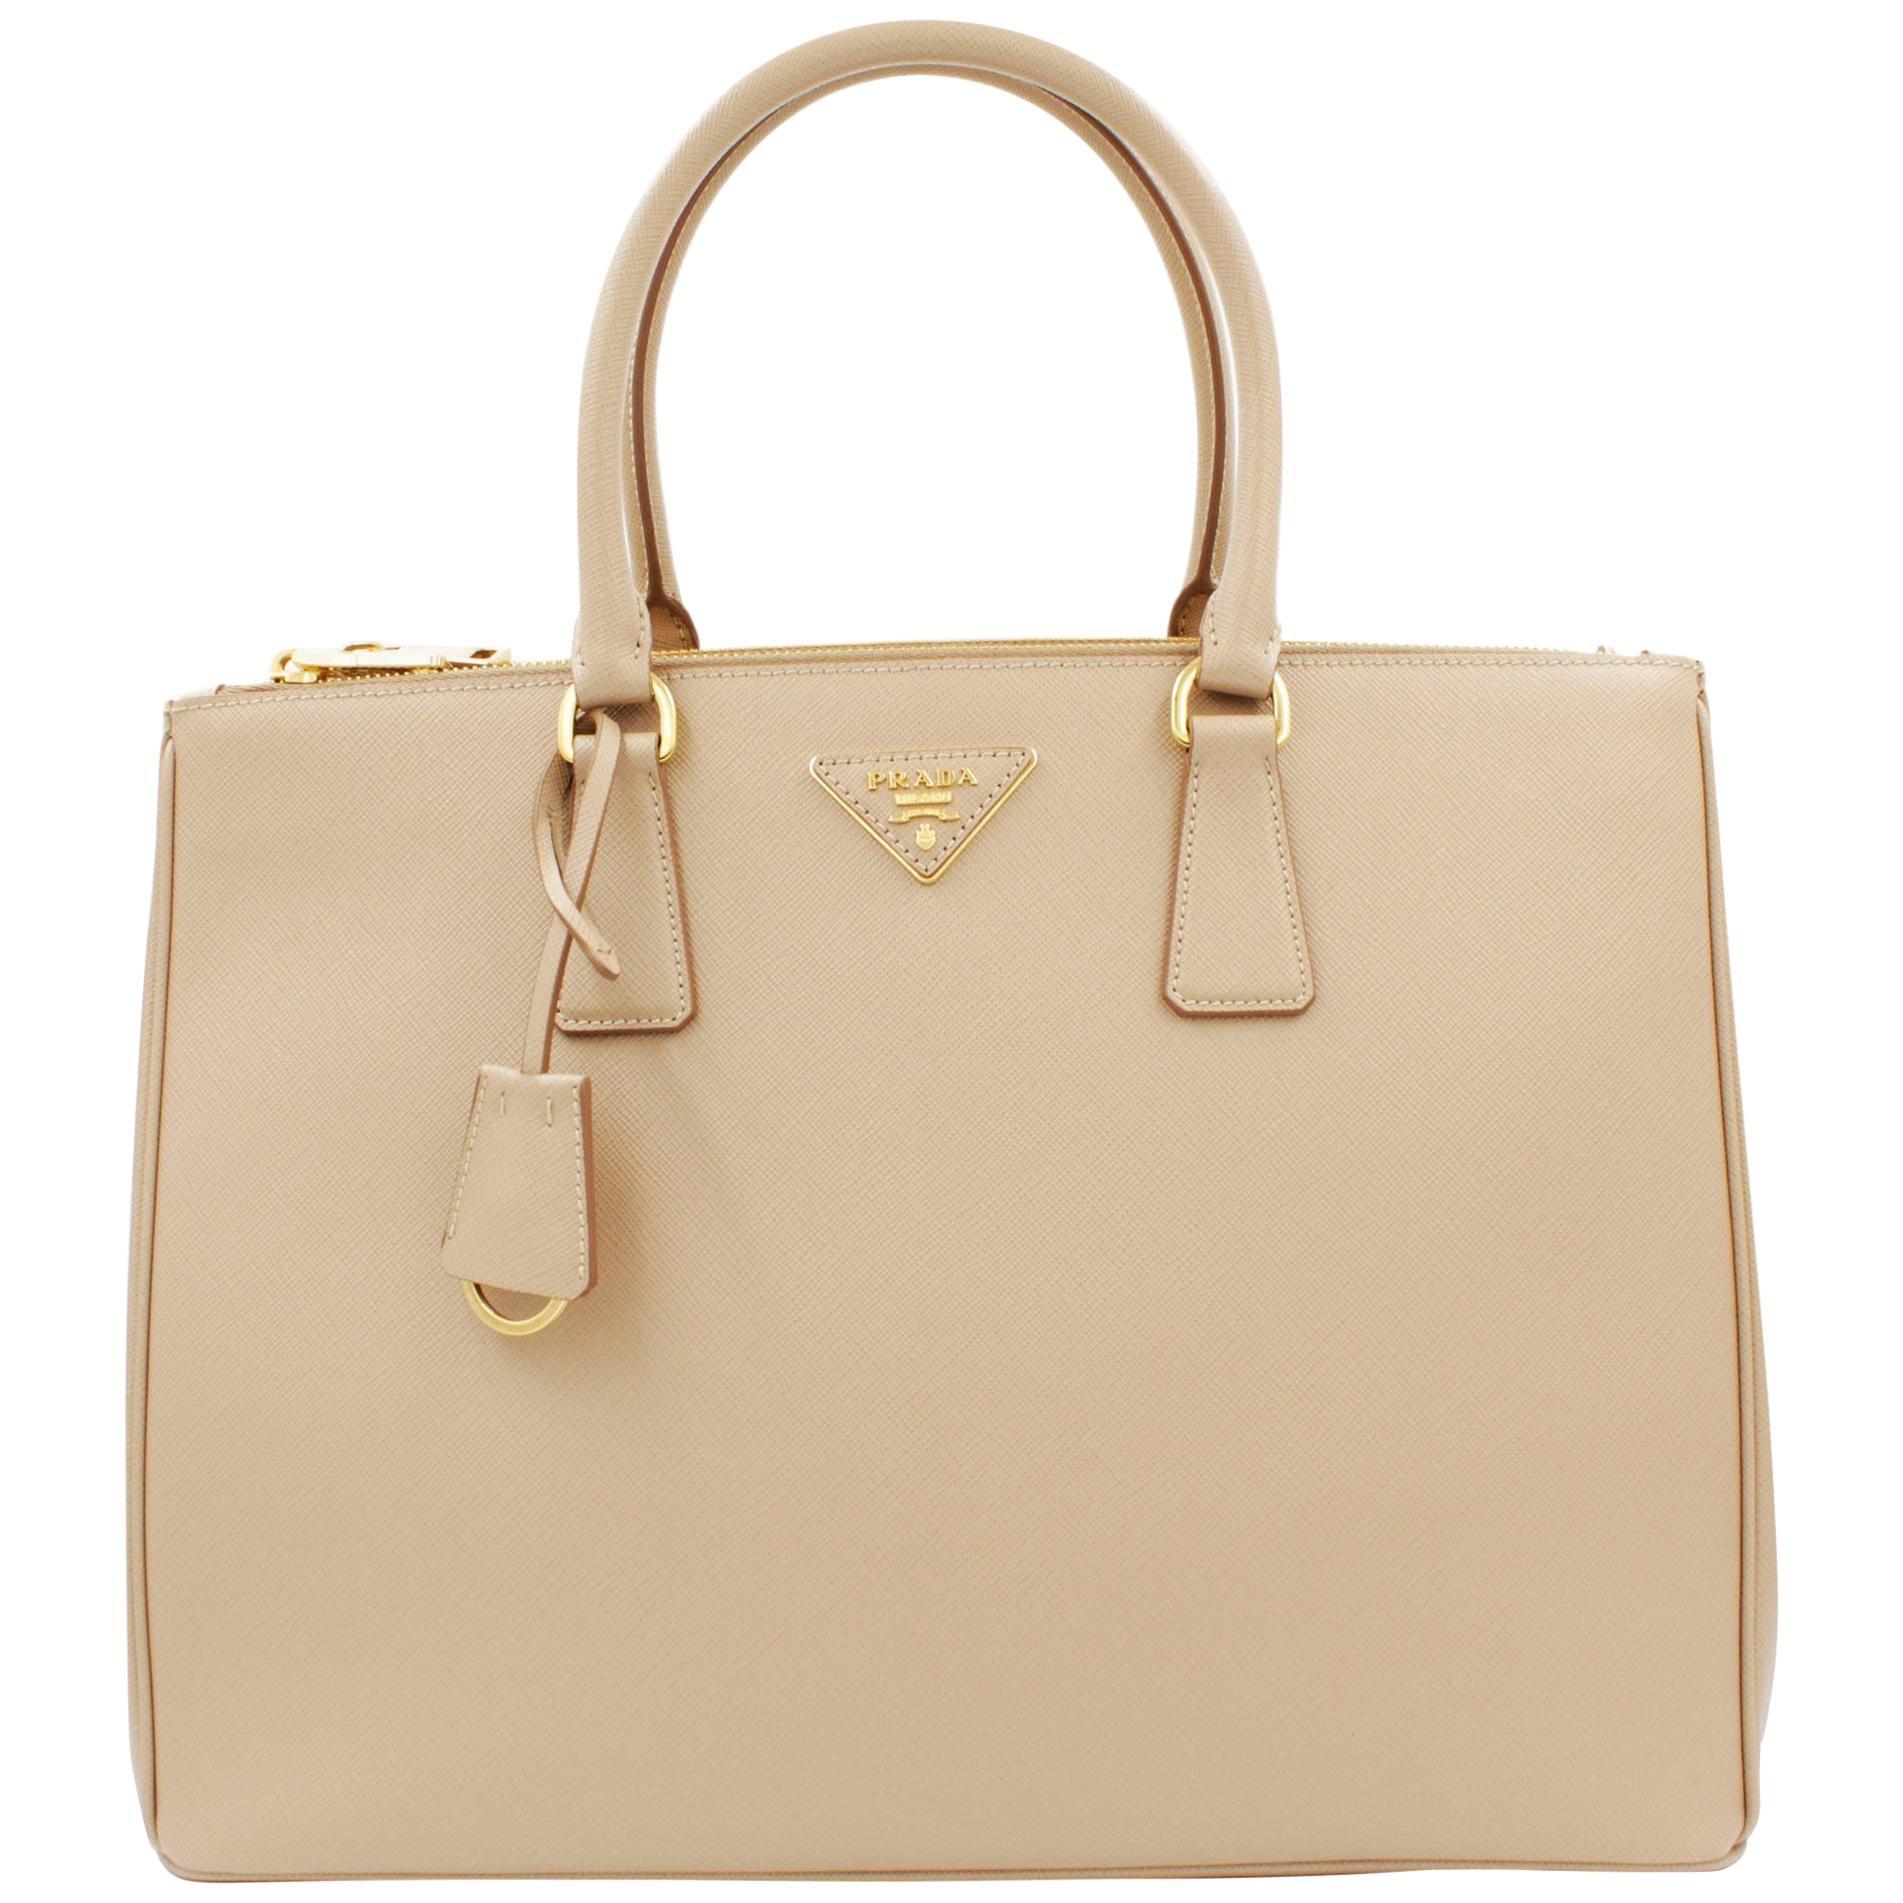 PRADA Saffiano Lux Galleria Beige Leather Ladies Tote 1BA786NZV